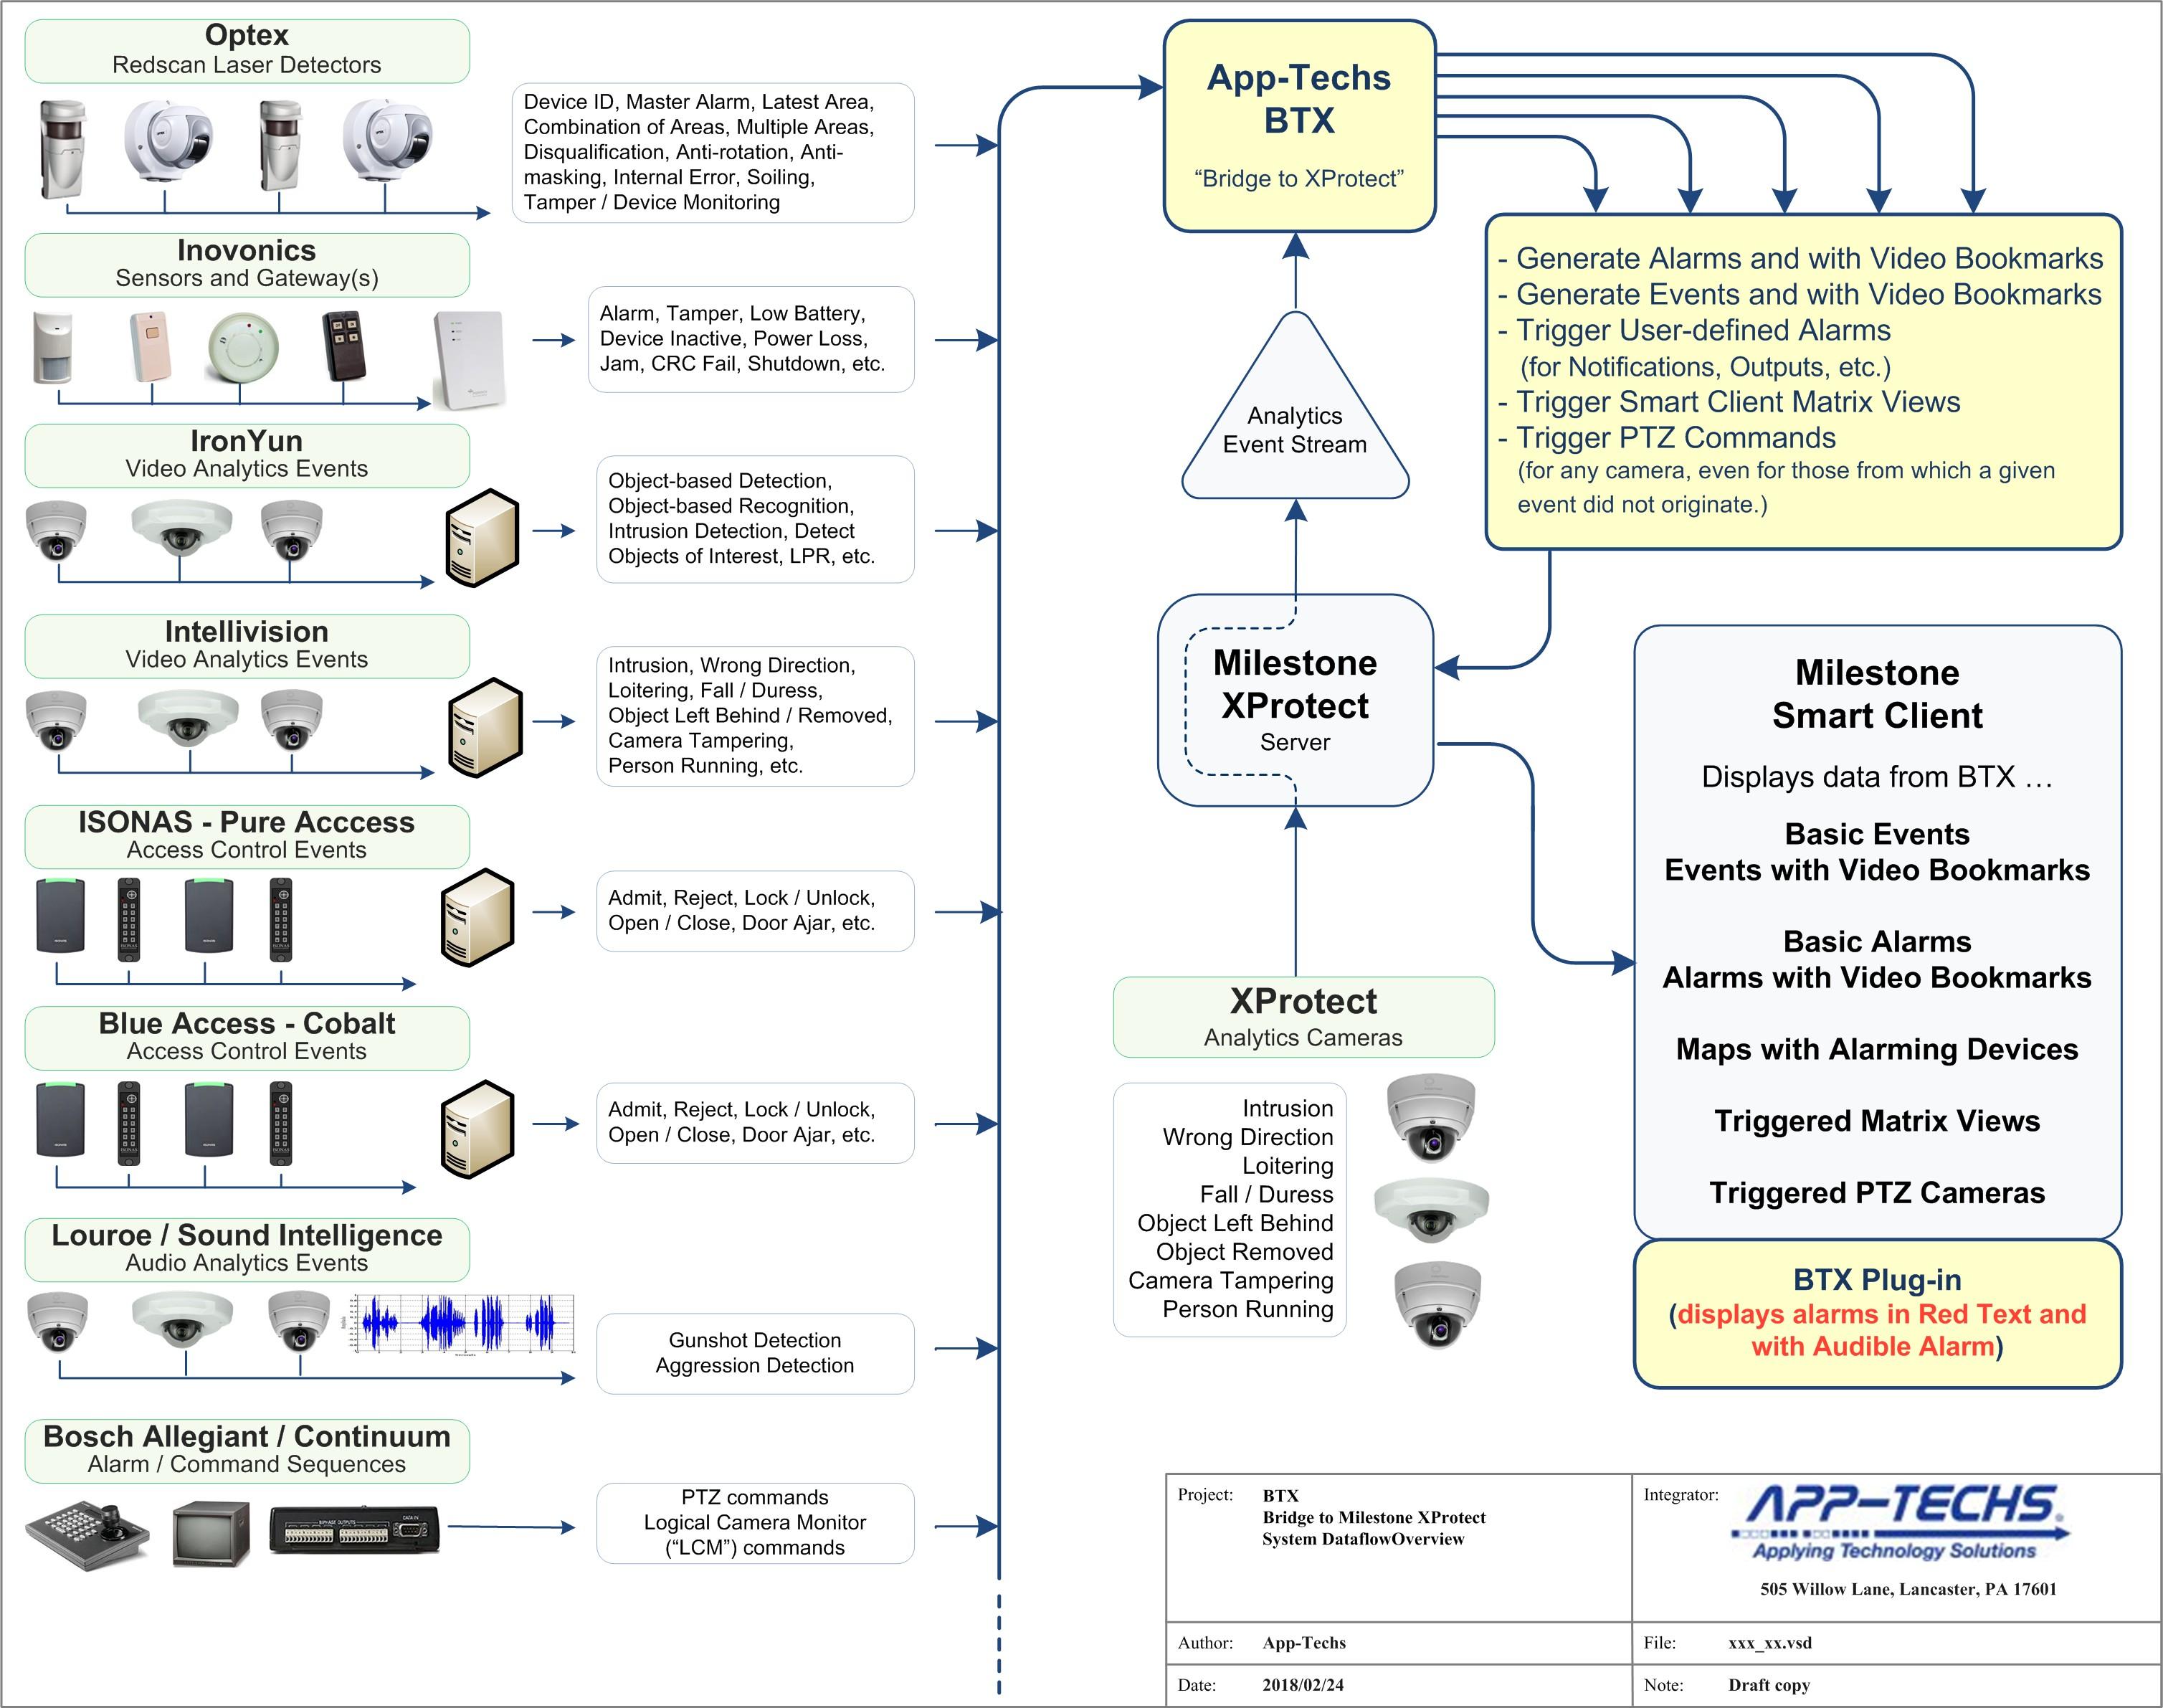 App Techs Corporation Process Flow Diagram For Jam